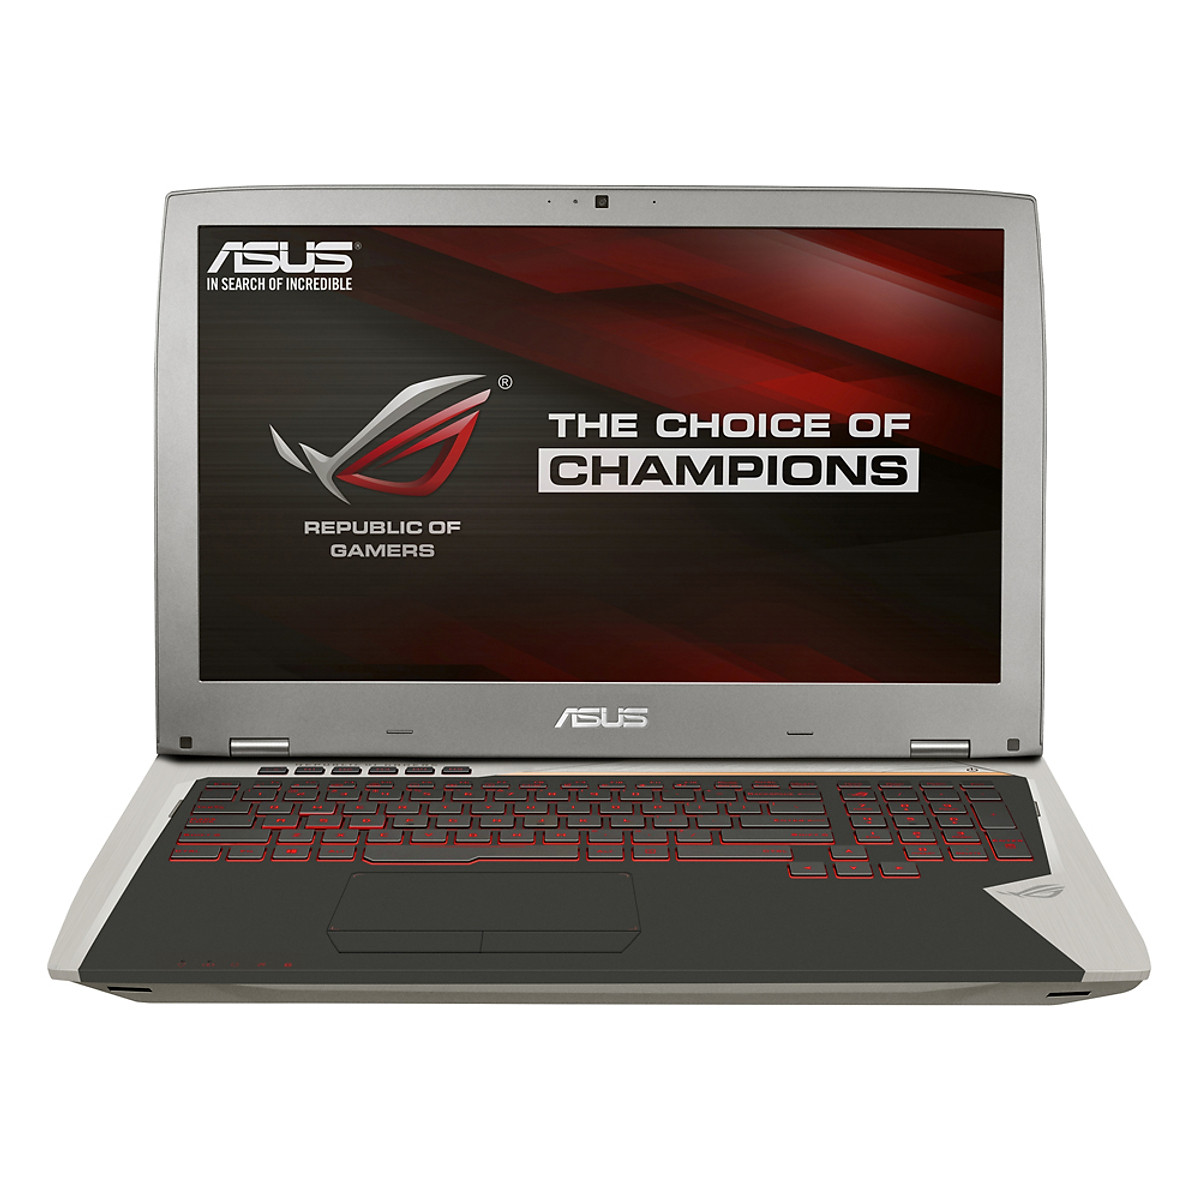 Asus GX700VO GB012T